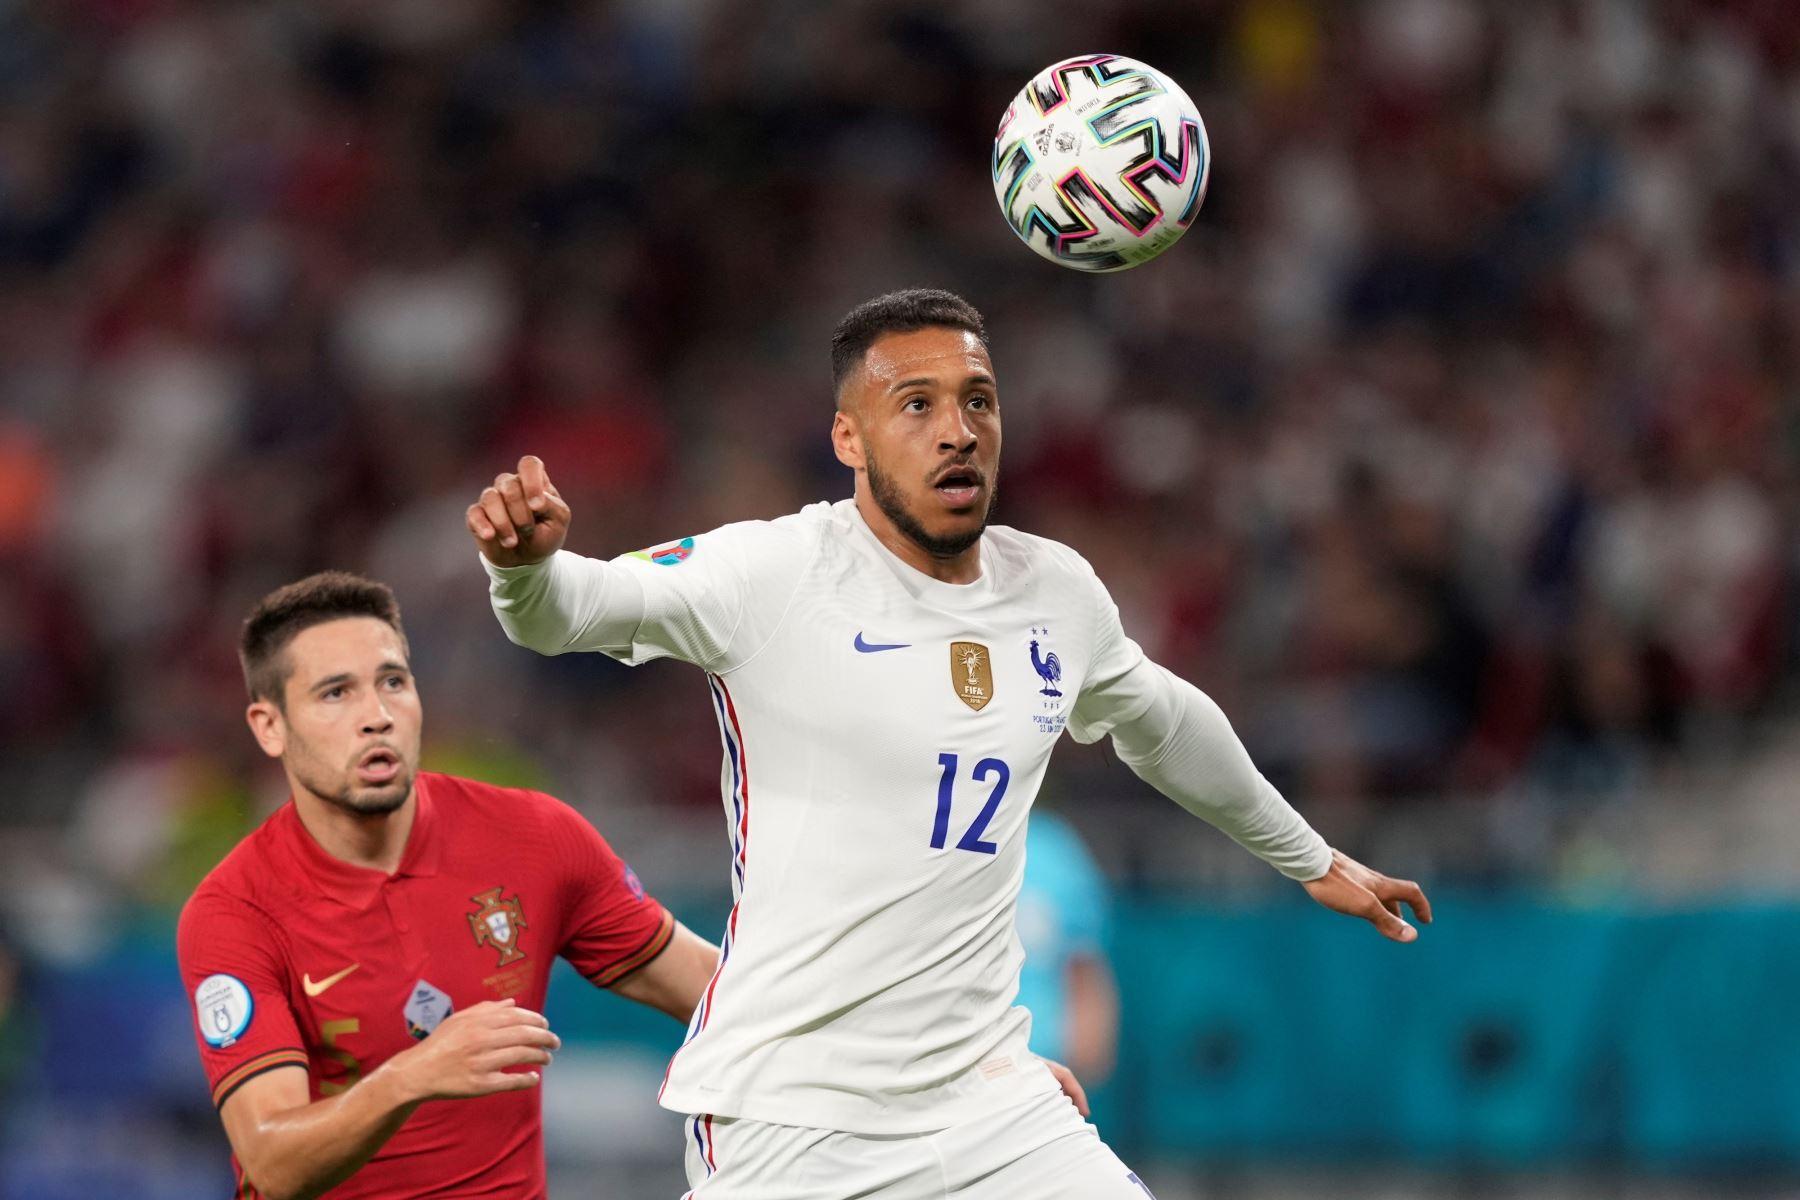 Rapheël Guerreiro de Portugal en acción contra Corentin Tolisso de Francia durante el partido por el Grupo F de la UEFA EURO 2020, en Budapest, Hungría. Foto: EFE